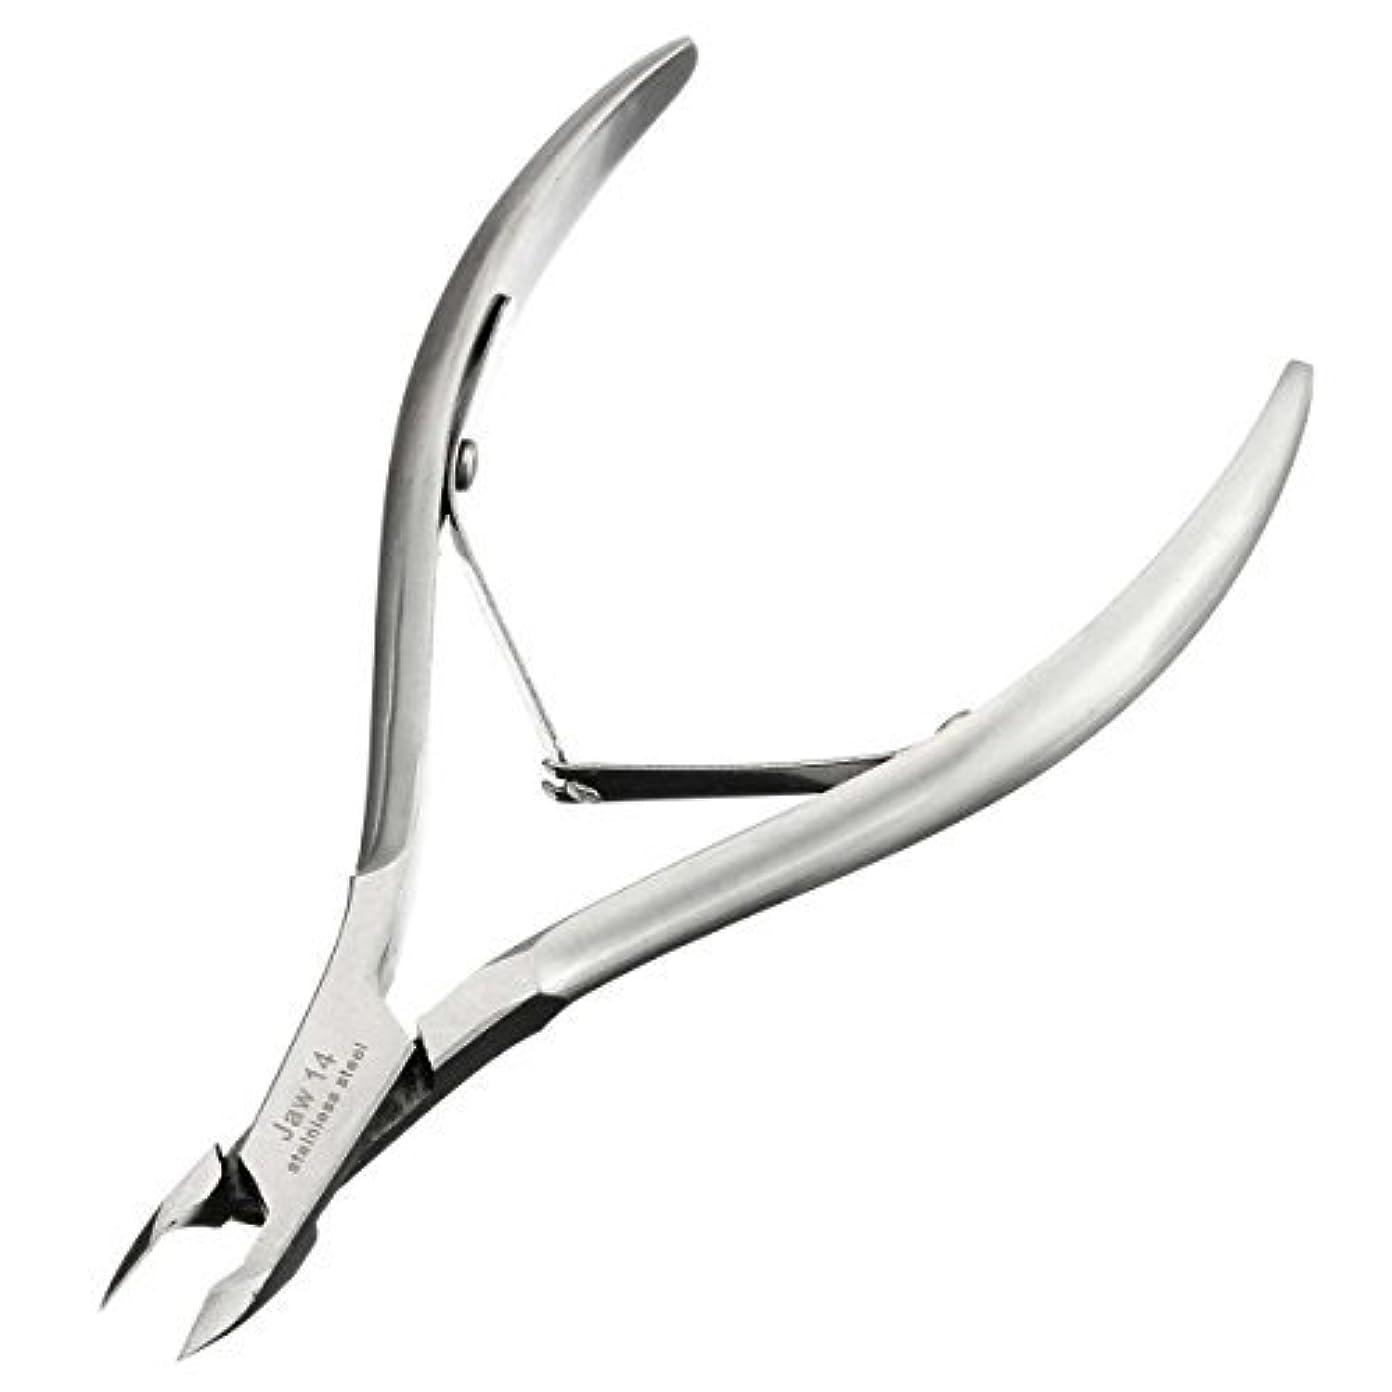 先バナナブルーベルキューティクルニッパーD-07C LuckyFine ネールケア  ネイル道具 甘皮切り 爪切り シルバー